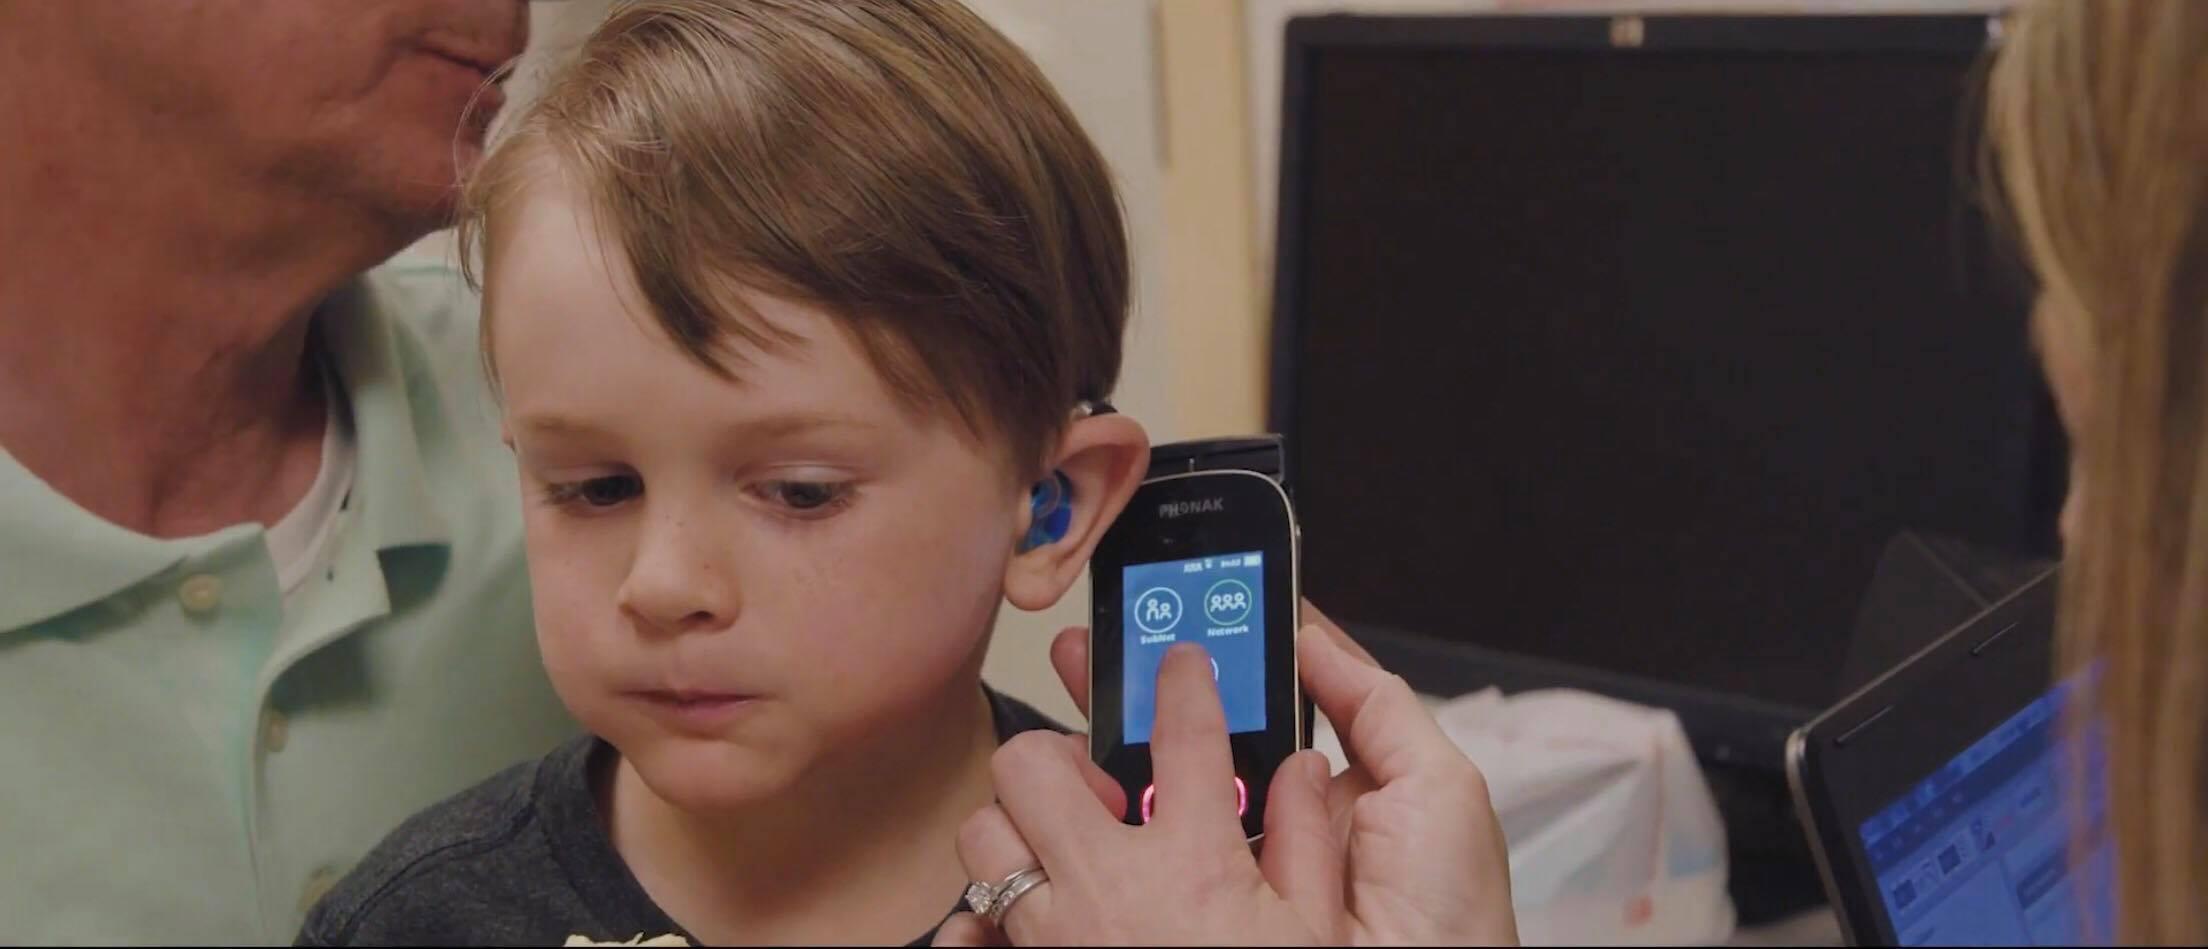 MÁY TRỢ THÍNH PHONAK - CẶP ĐÔI HOÀN HẢO CHO TRẺ KHIẾM THÍNH (SKY & ROGER)